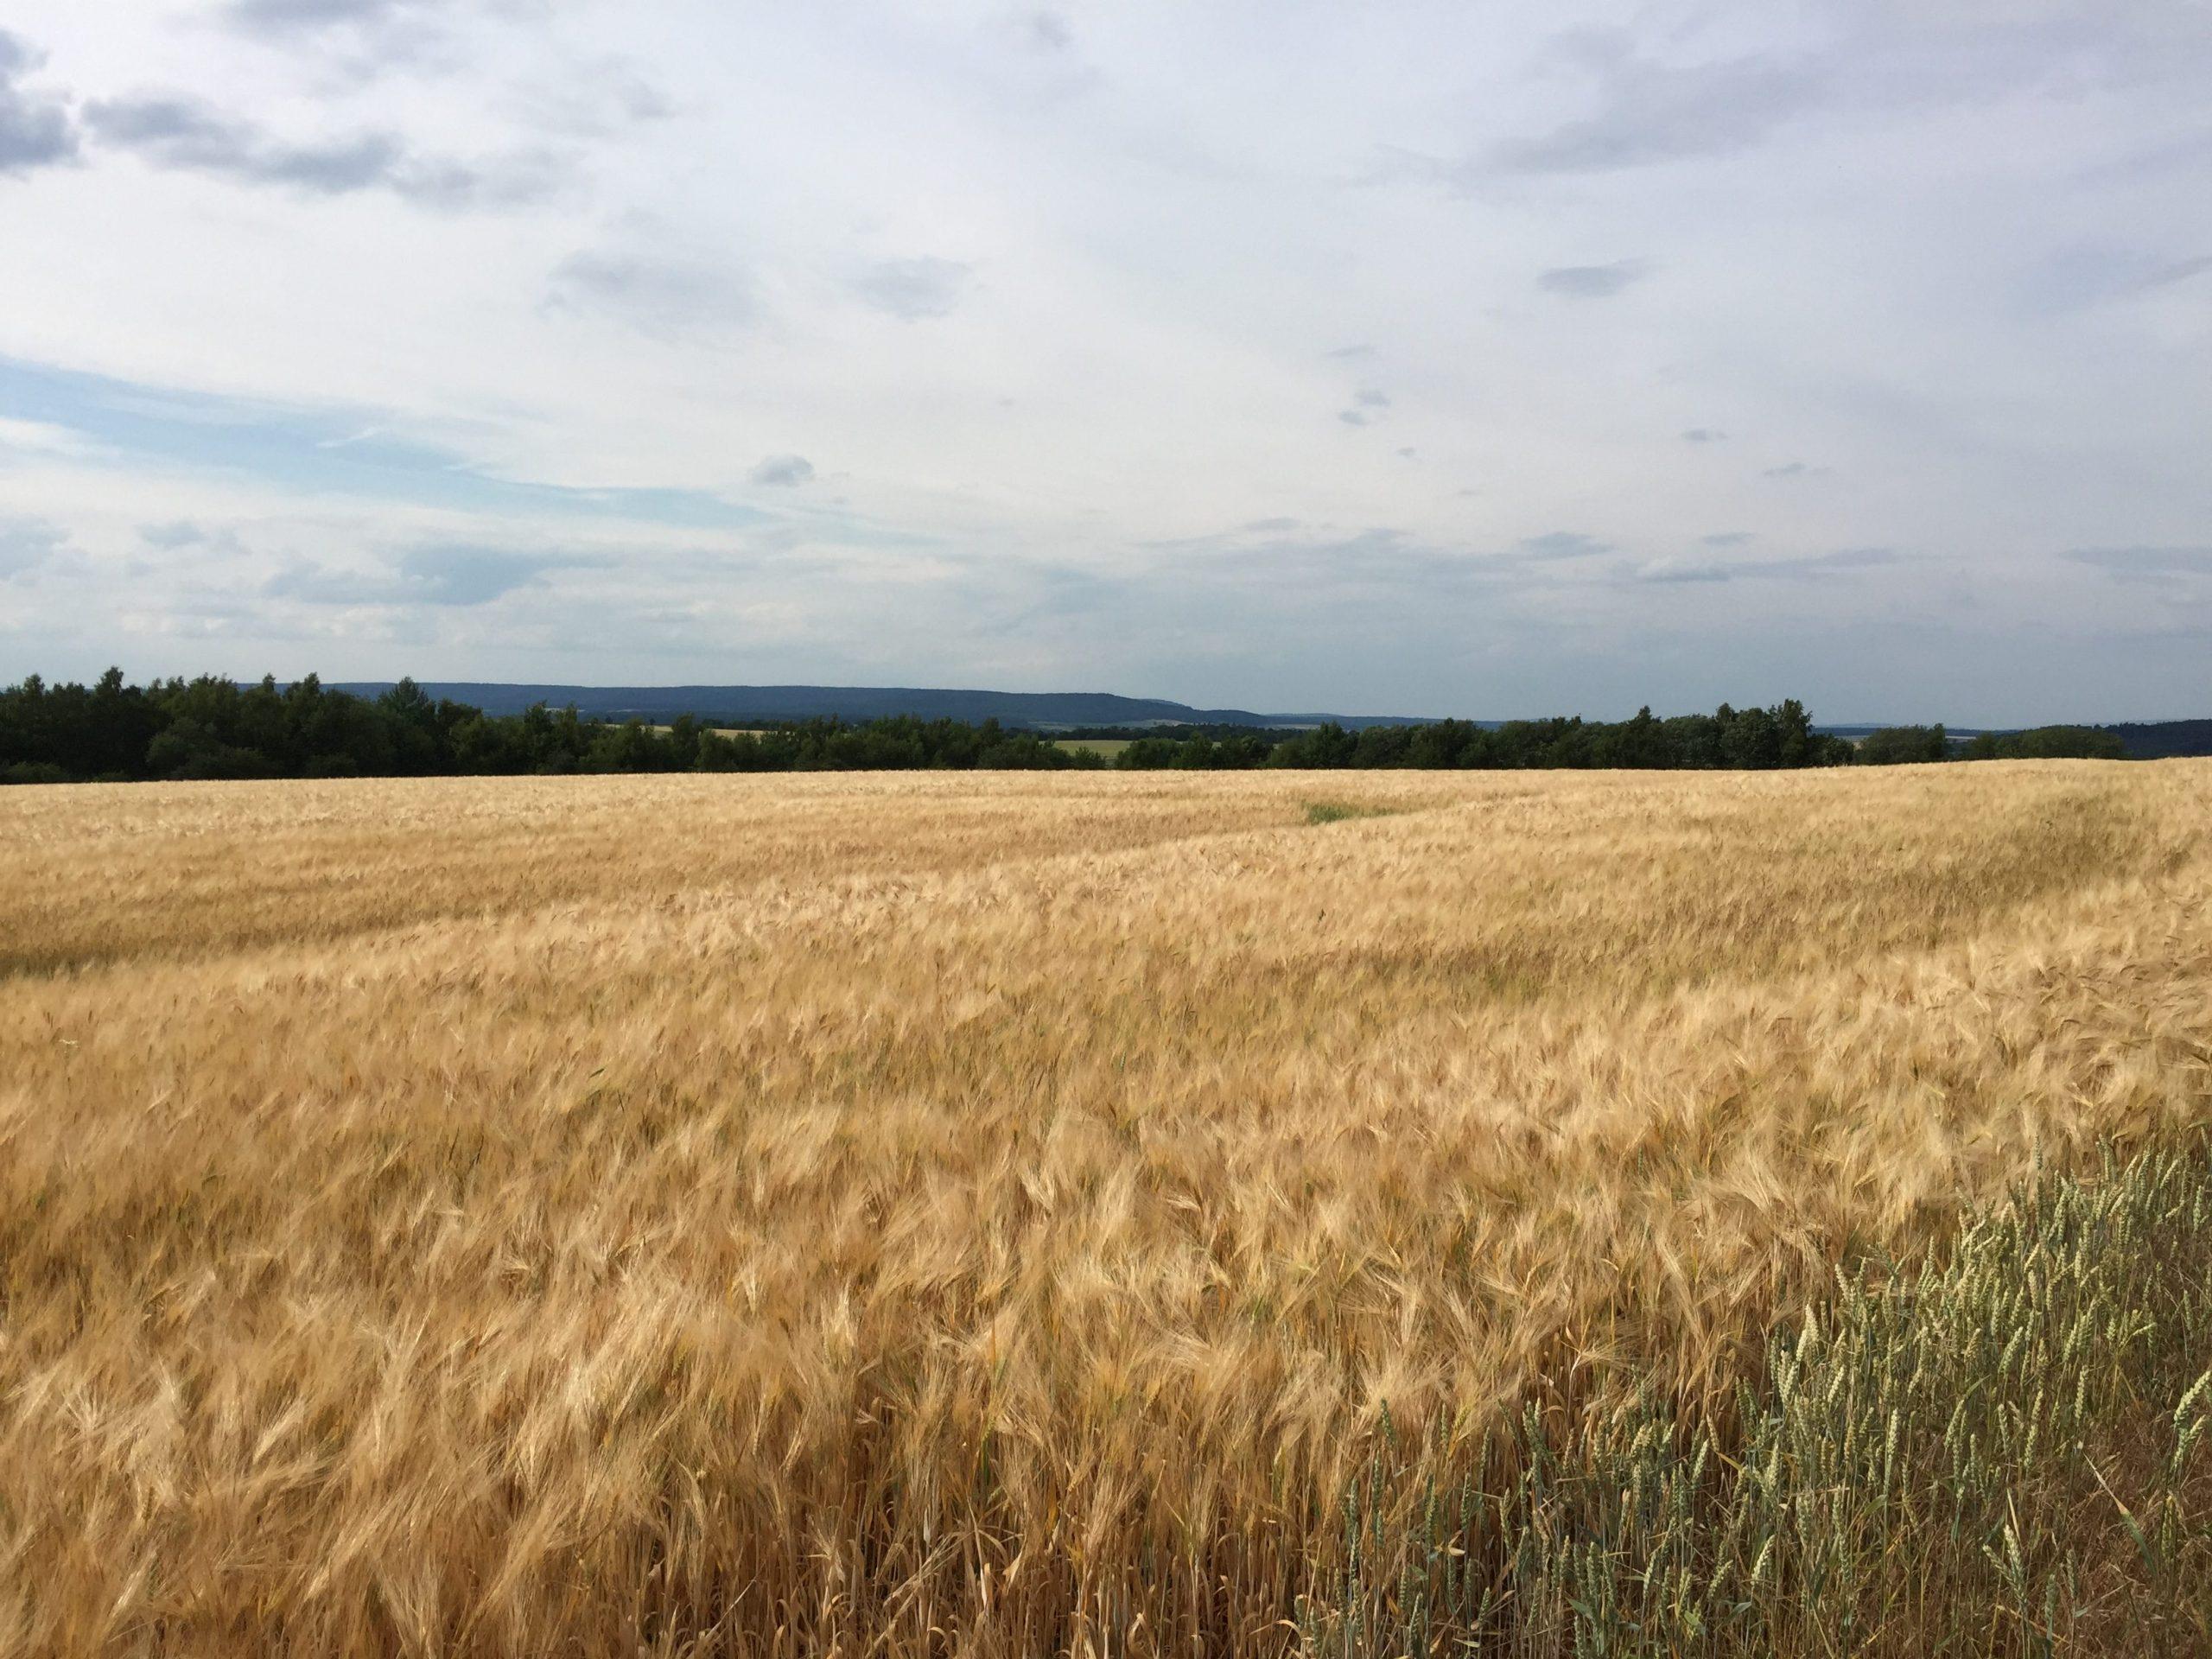 Fahrt entlang der Getreidefelder